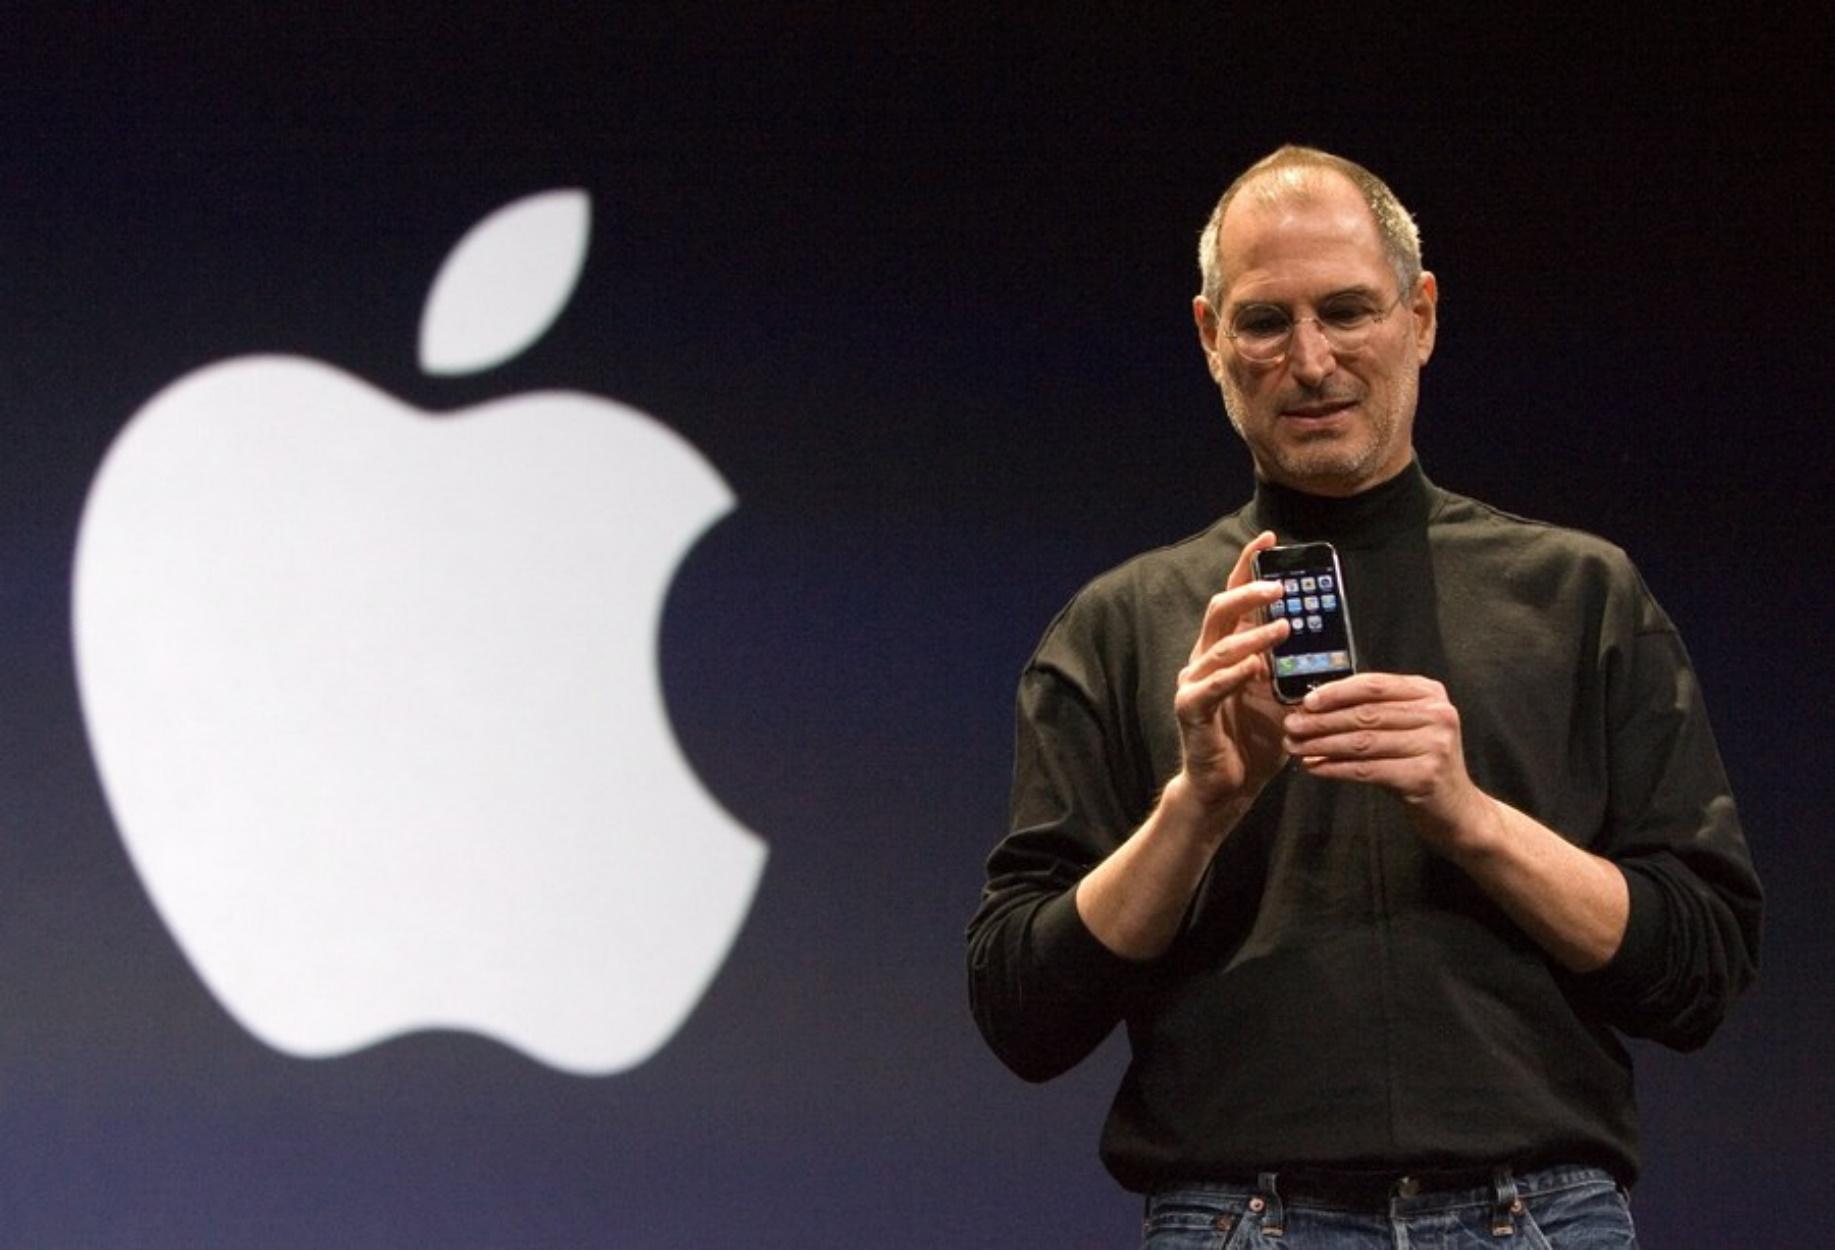 Στιβ Τζομπς: 12 μαθήματα ζωής από τον «μέγα ευαγγελιστή της ψηφιακής εποχής»